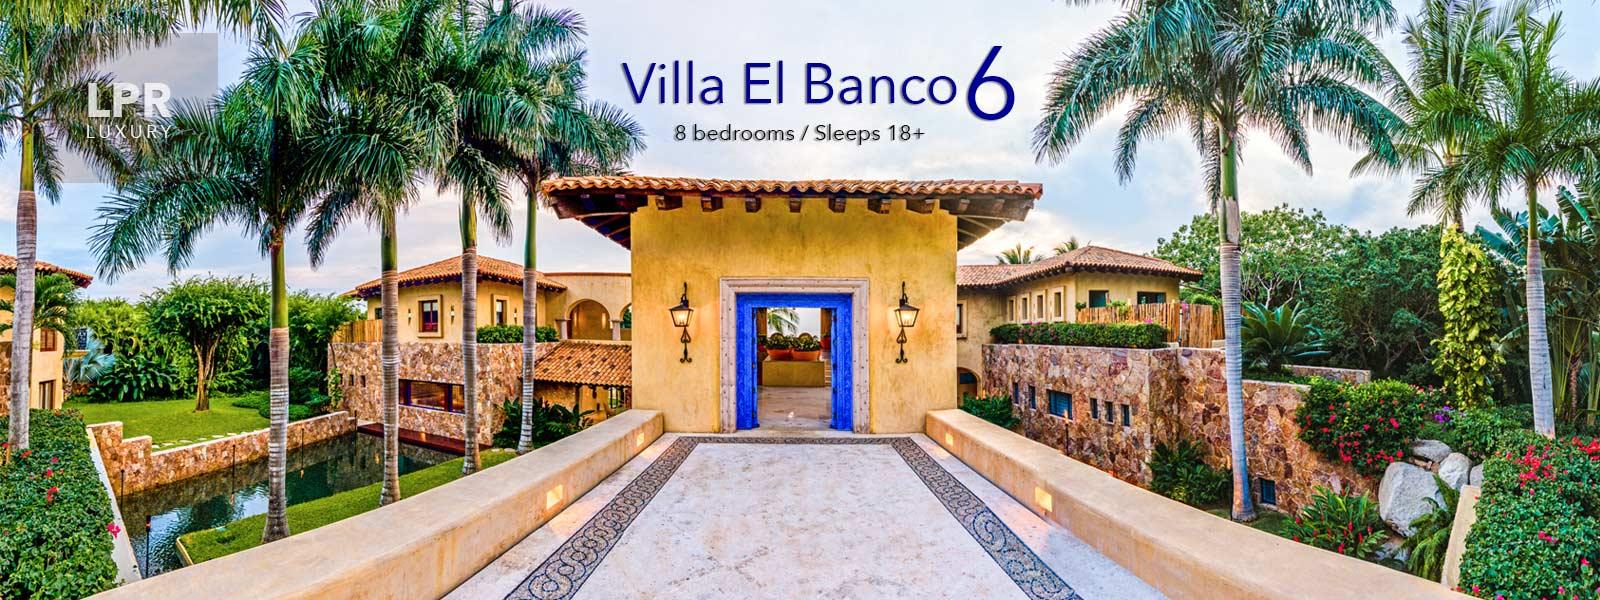 Villa El Banco 6 - Luxury Punta de Mita Real Estate and Vacation Rentals - Riviera Nayarit, Mexico